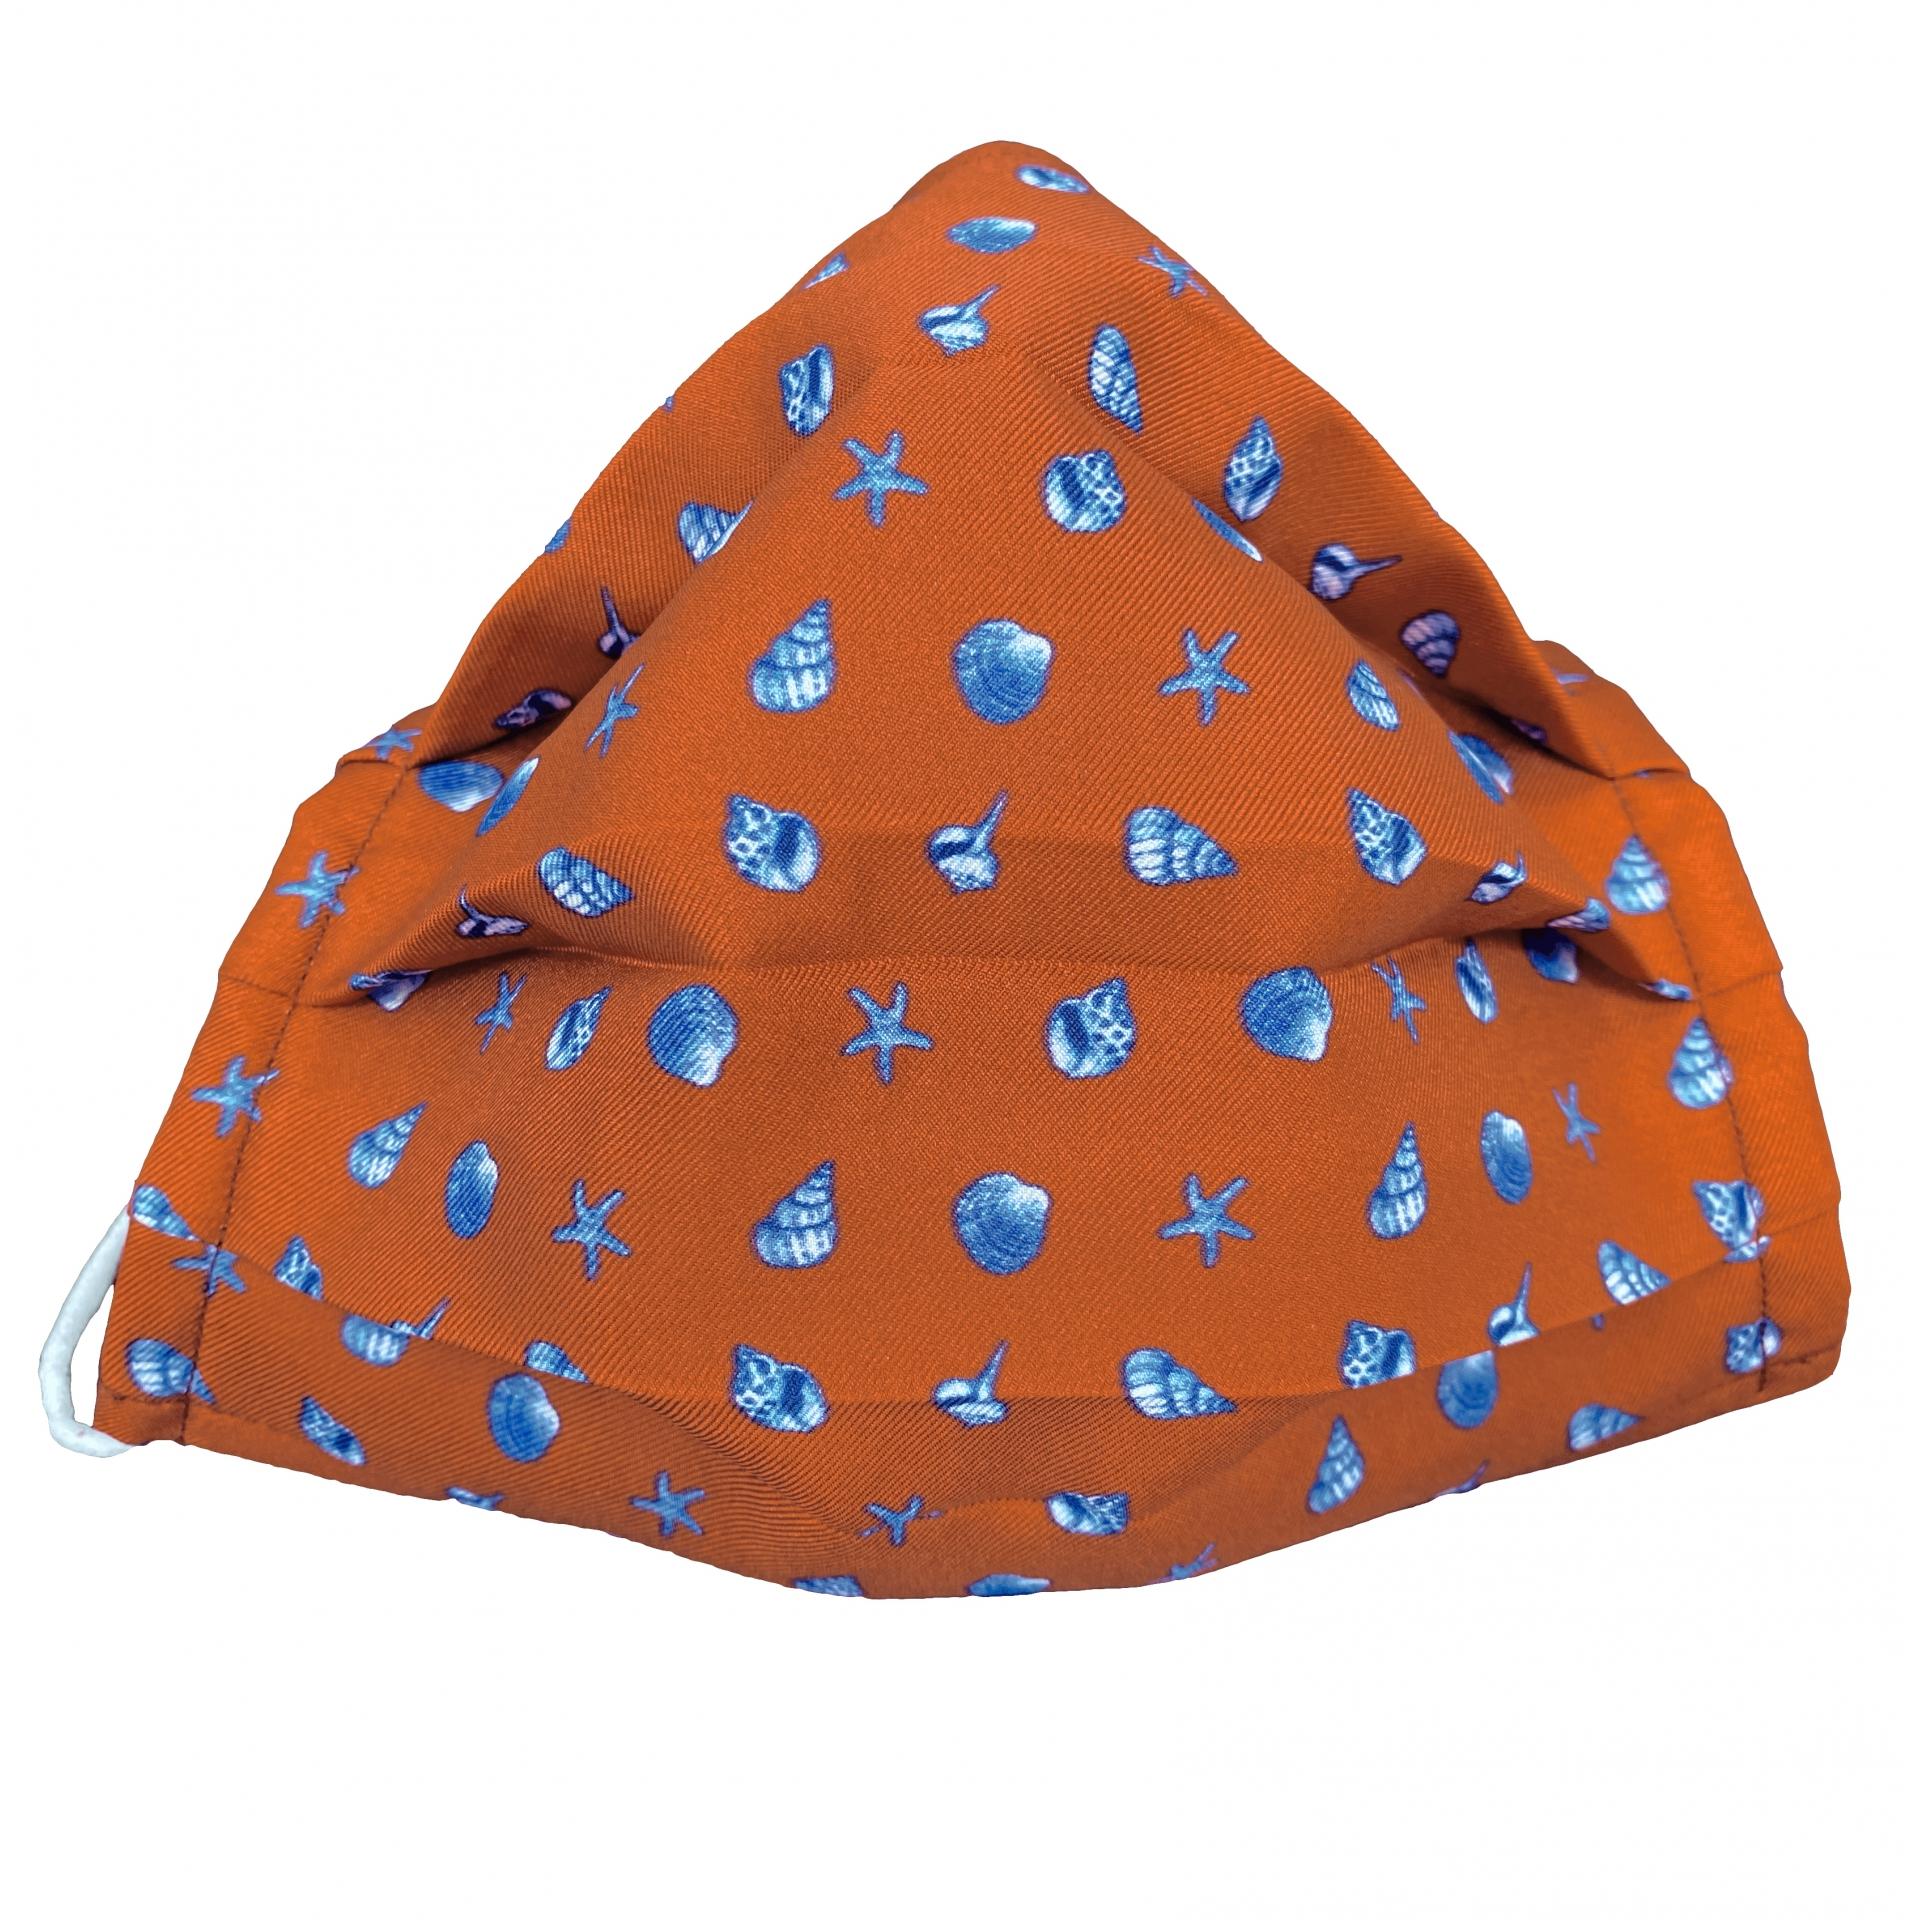 StyleMask Mascherina bambino copriviso filtrante arancione fantasia conchiglie